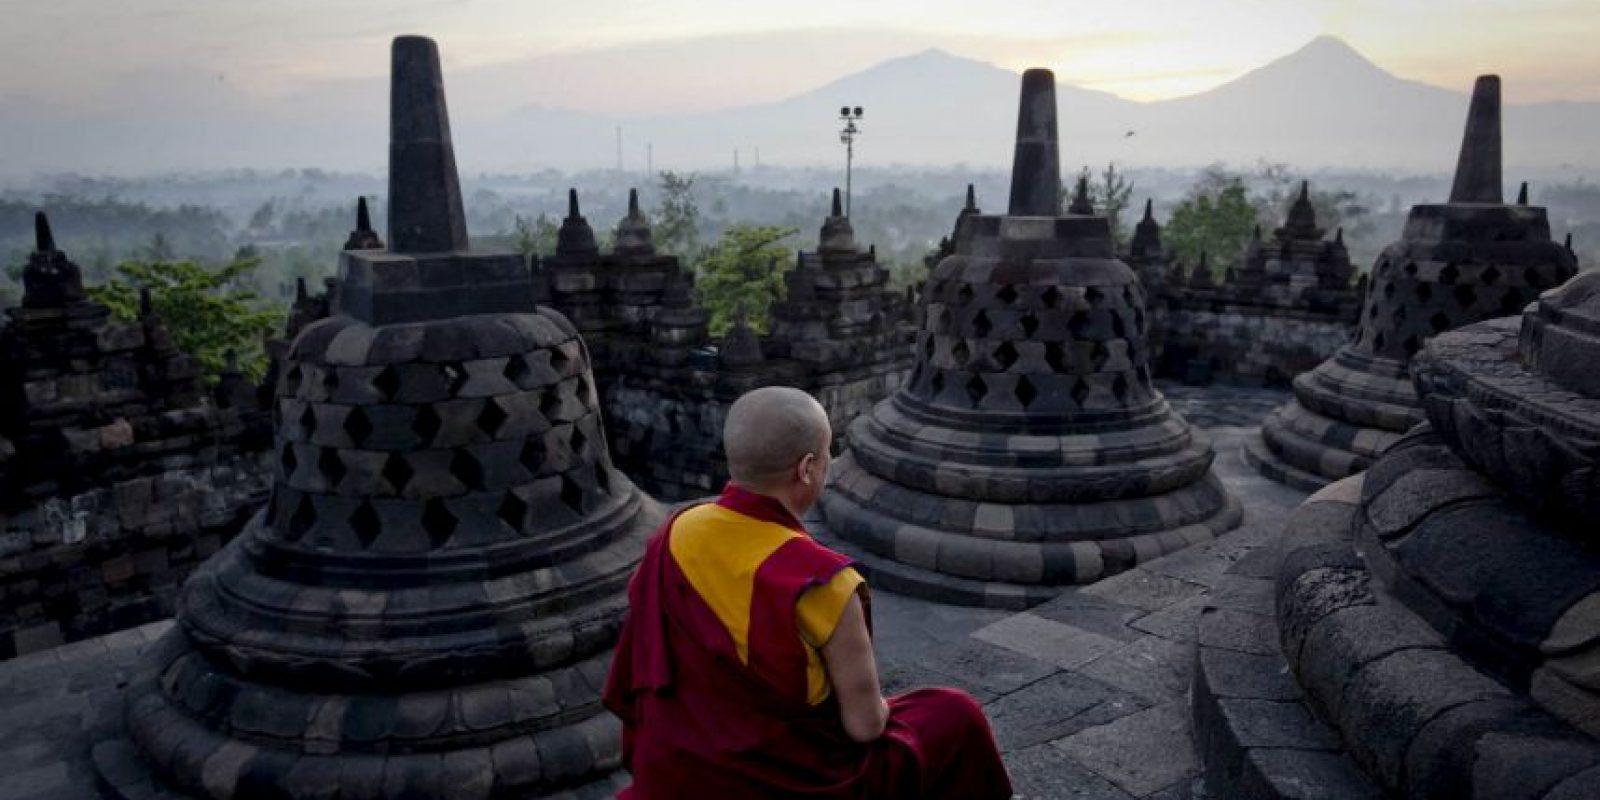 El cuerpo del monje fue encontrado en Mongolia. Foto:Getty